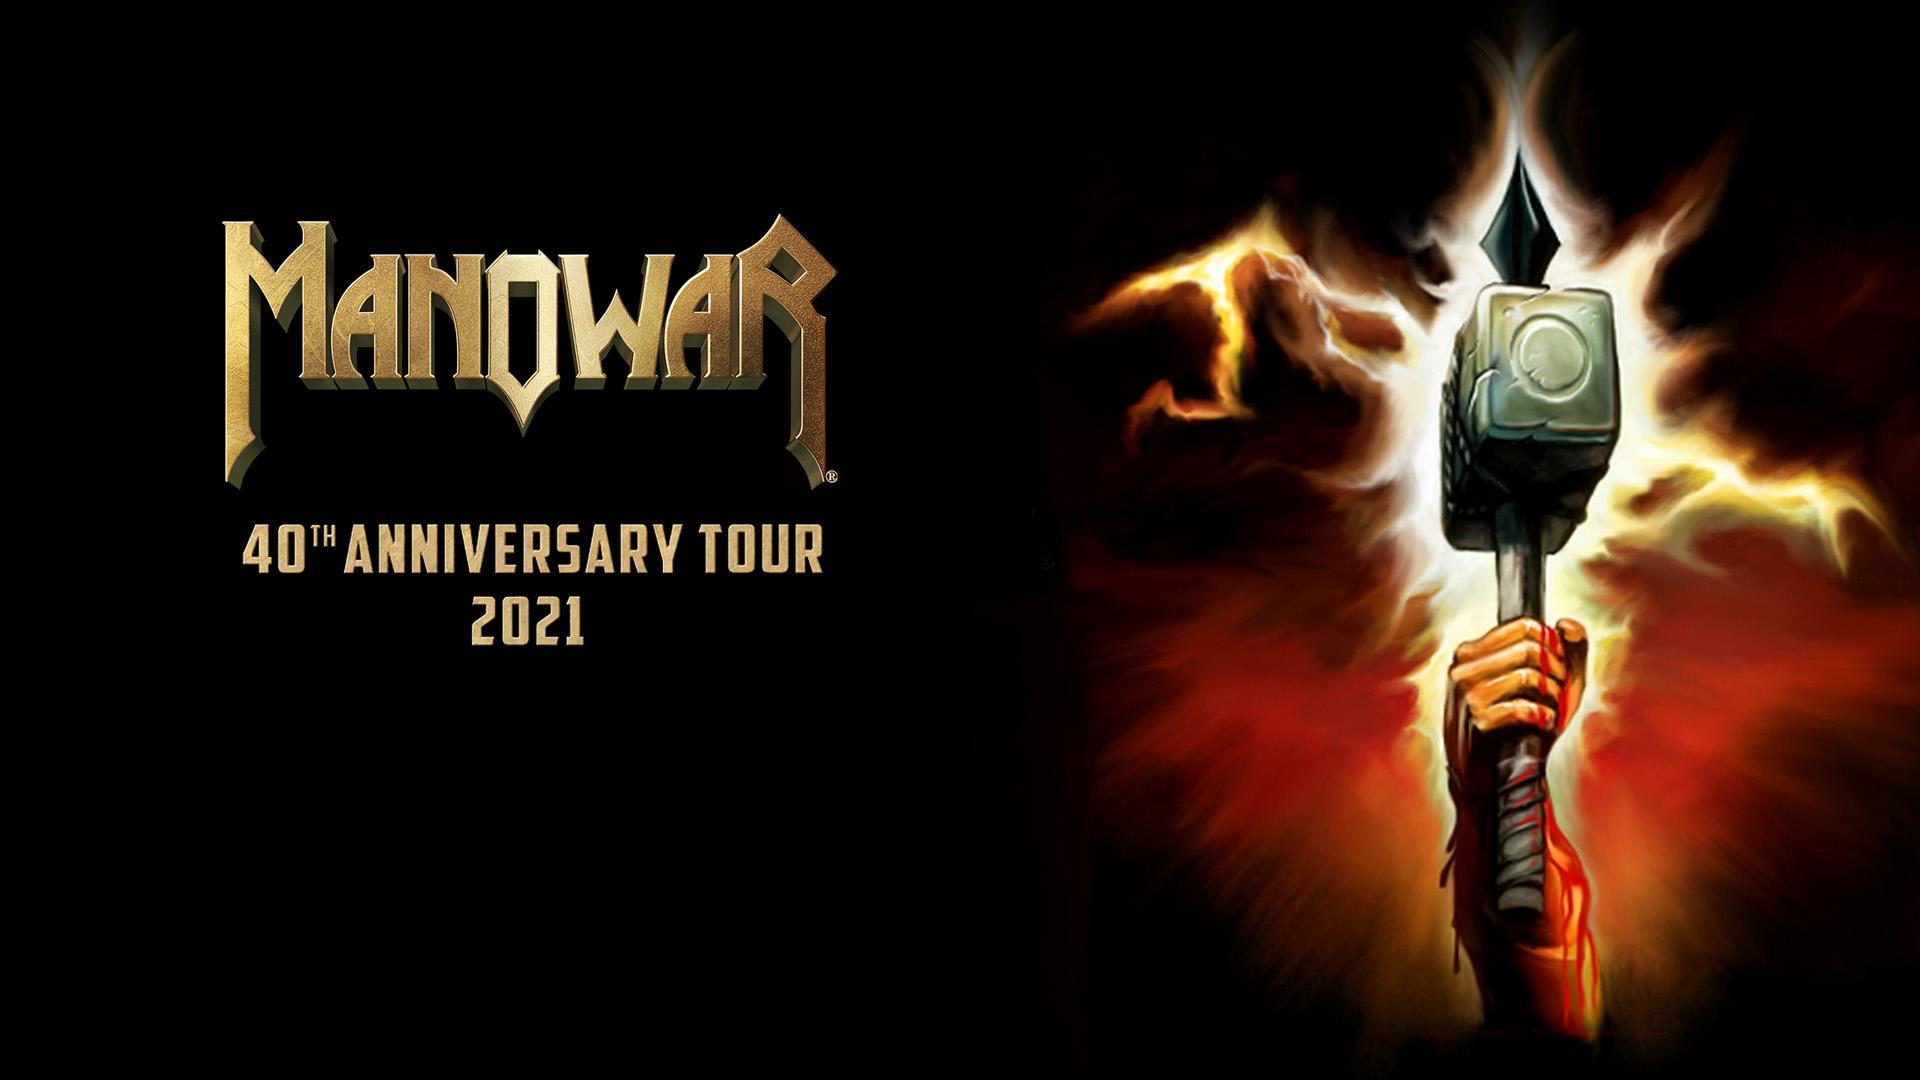 MANOWAR - 40th Anniversary Tour